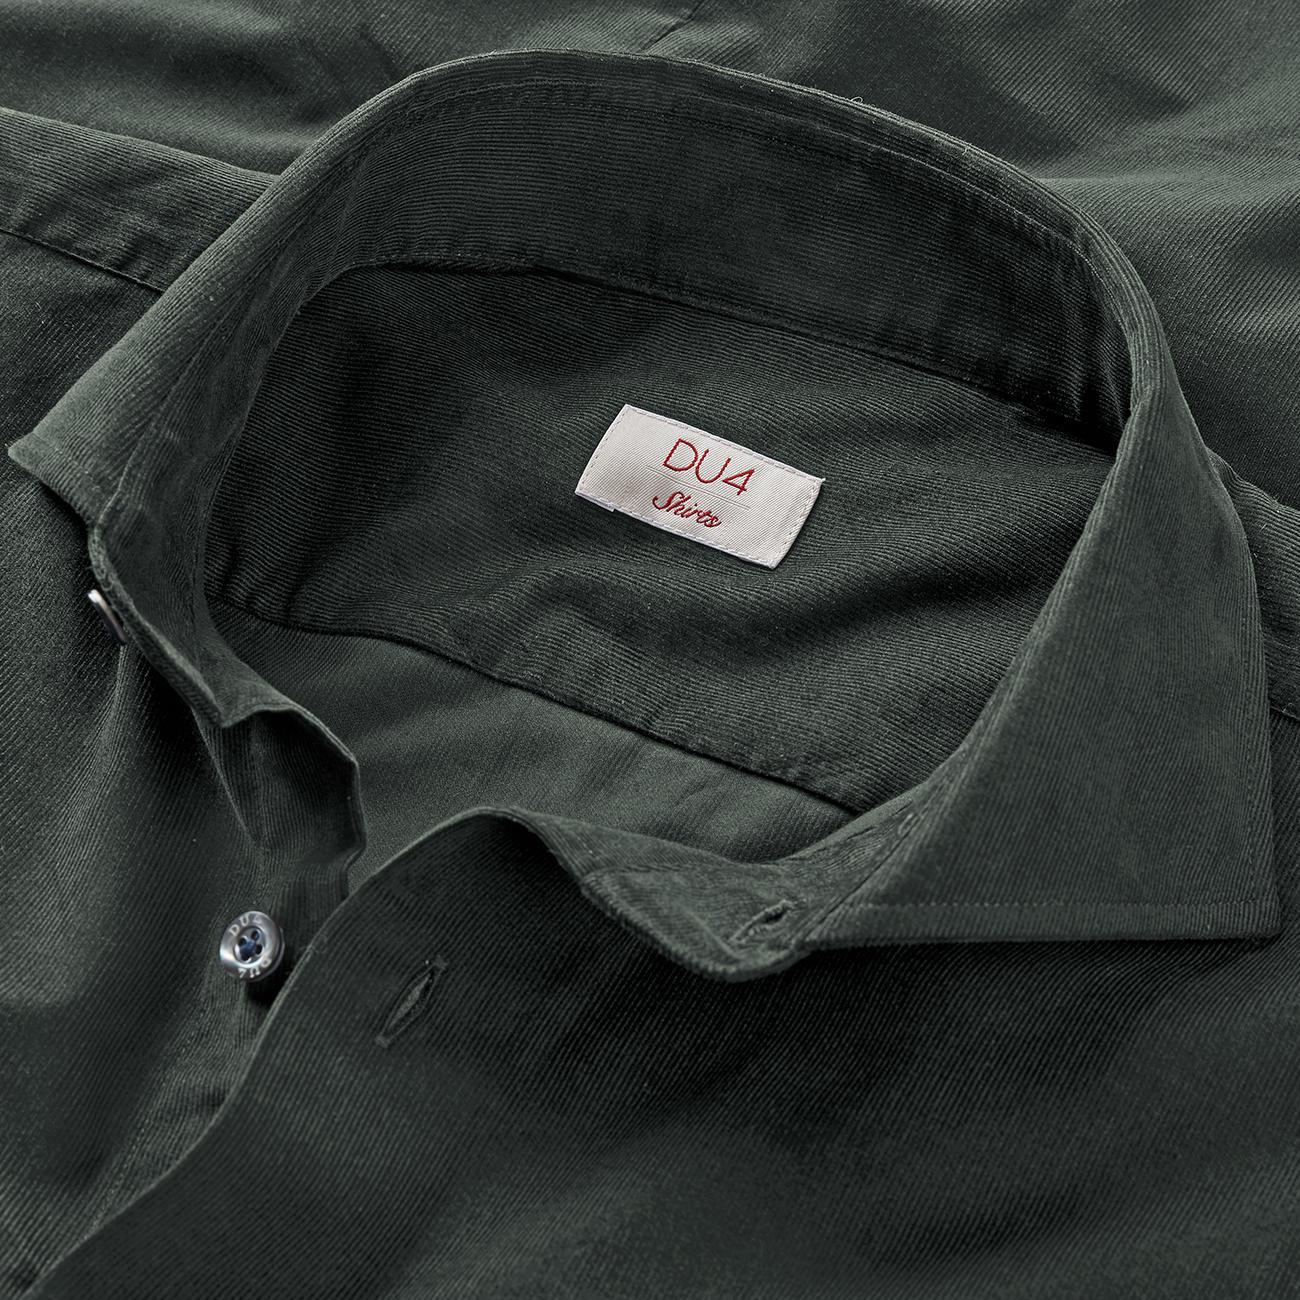 DU4 Feincord-Hemd | Mode-Klassiker entdecken